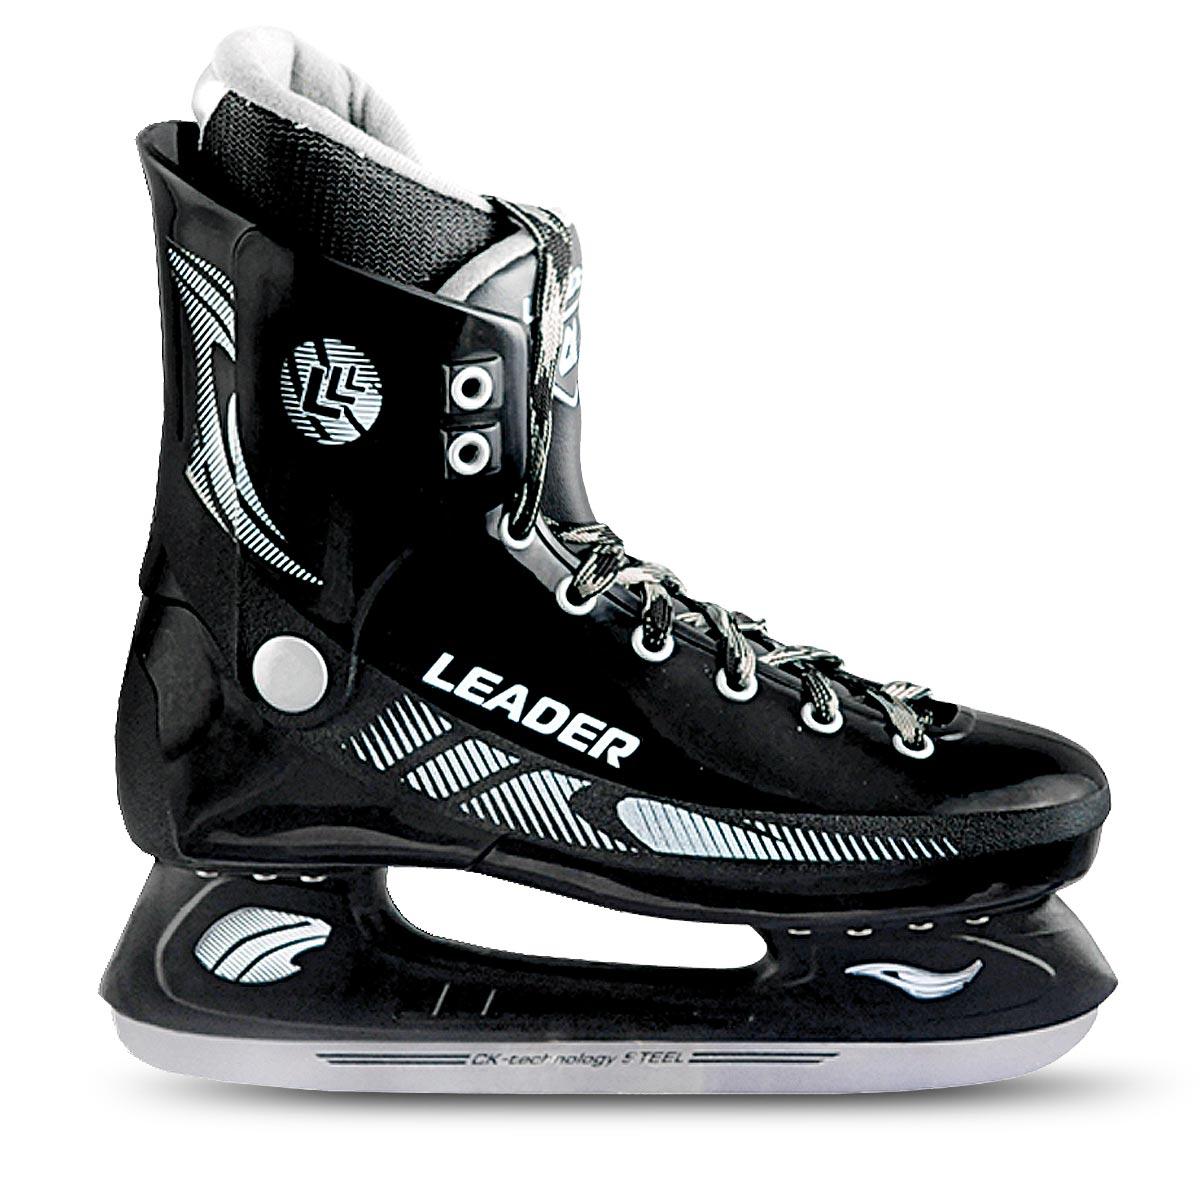 Коньки хоккейные для мальчика СК Leader, цвет: черный. Размер 34